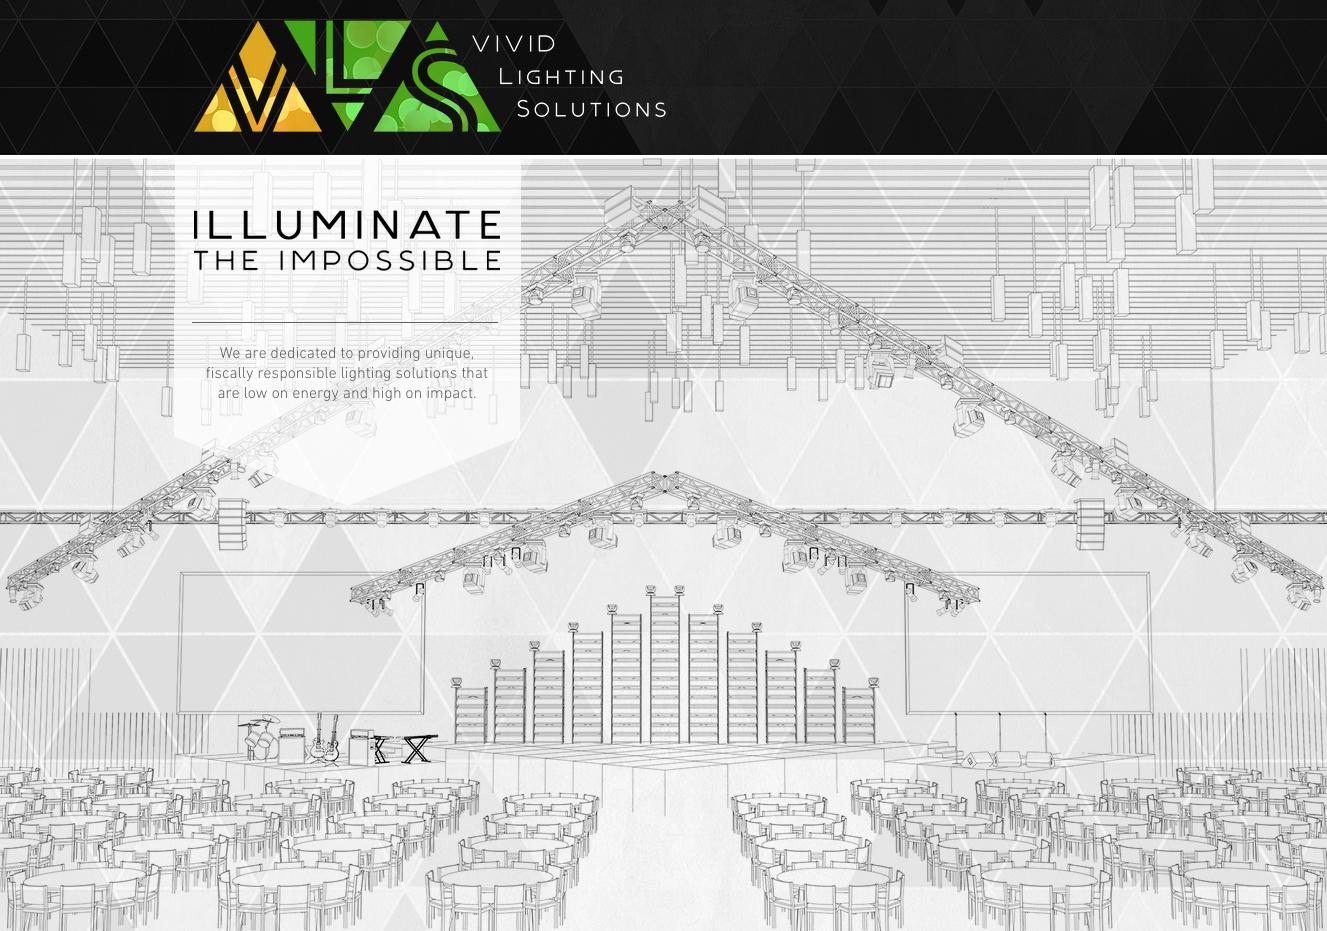 vls vivid lighting solutions